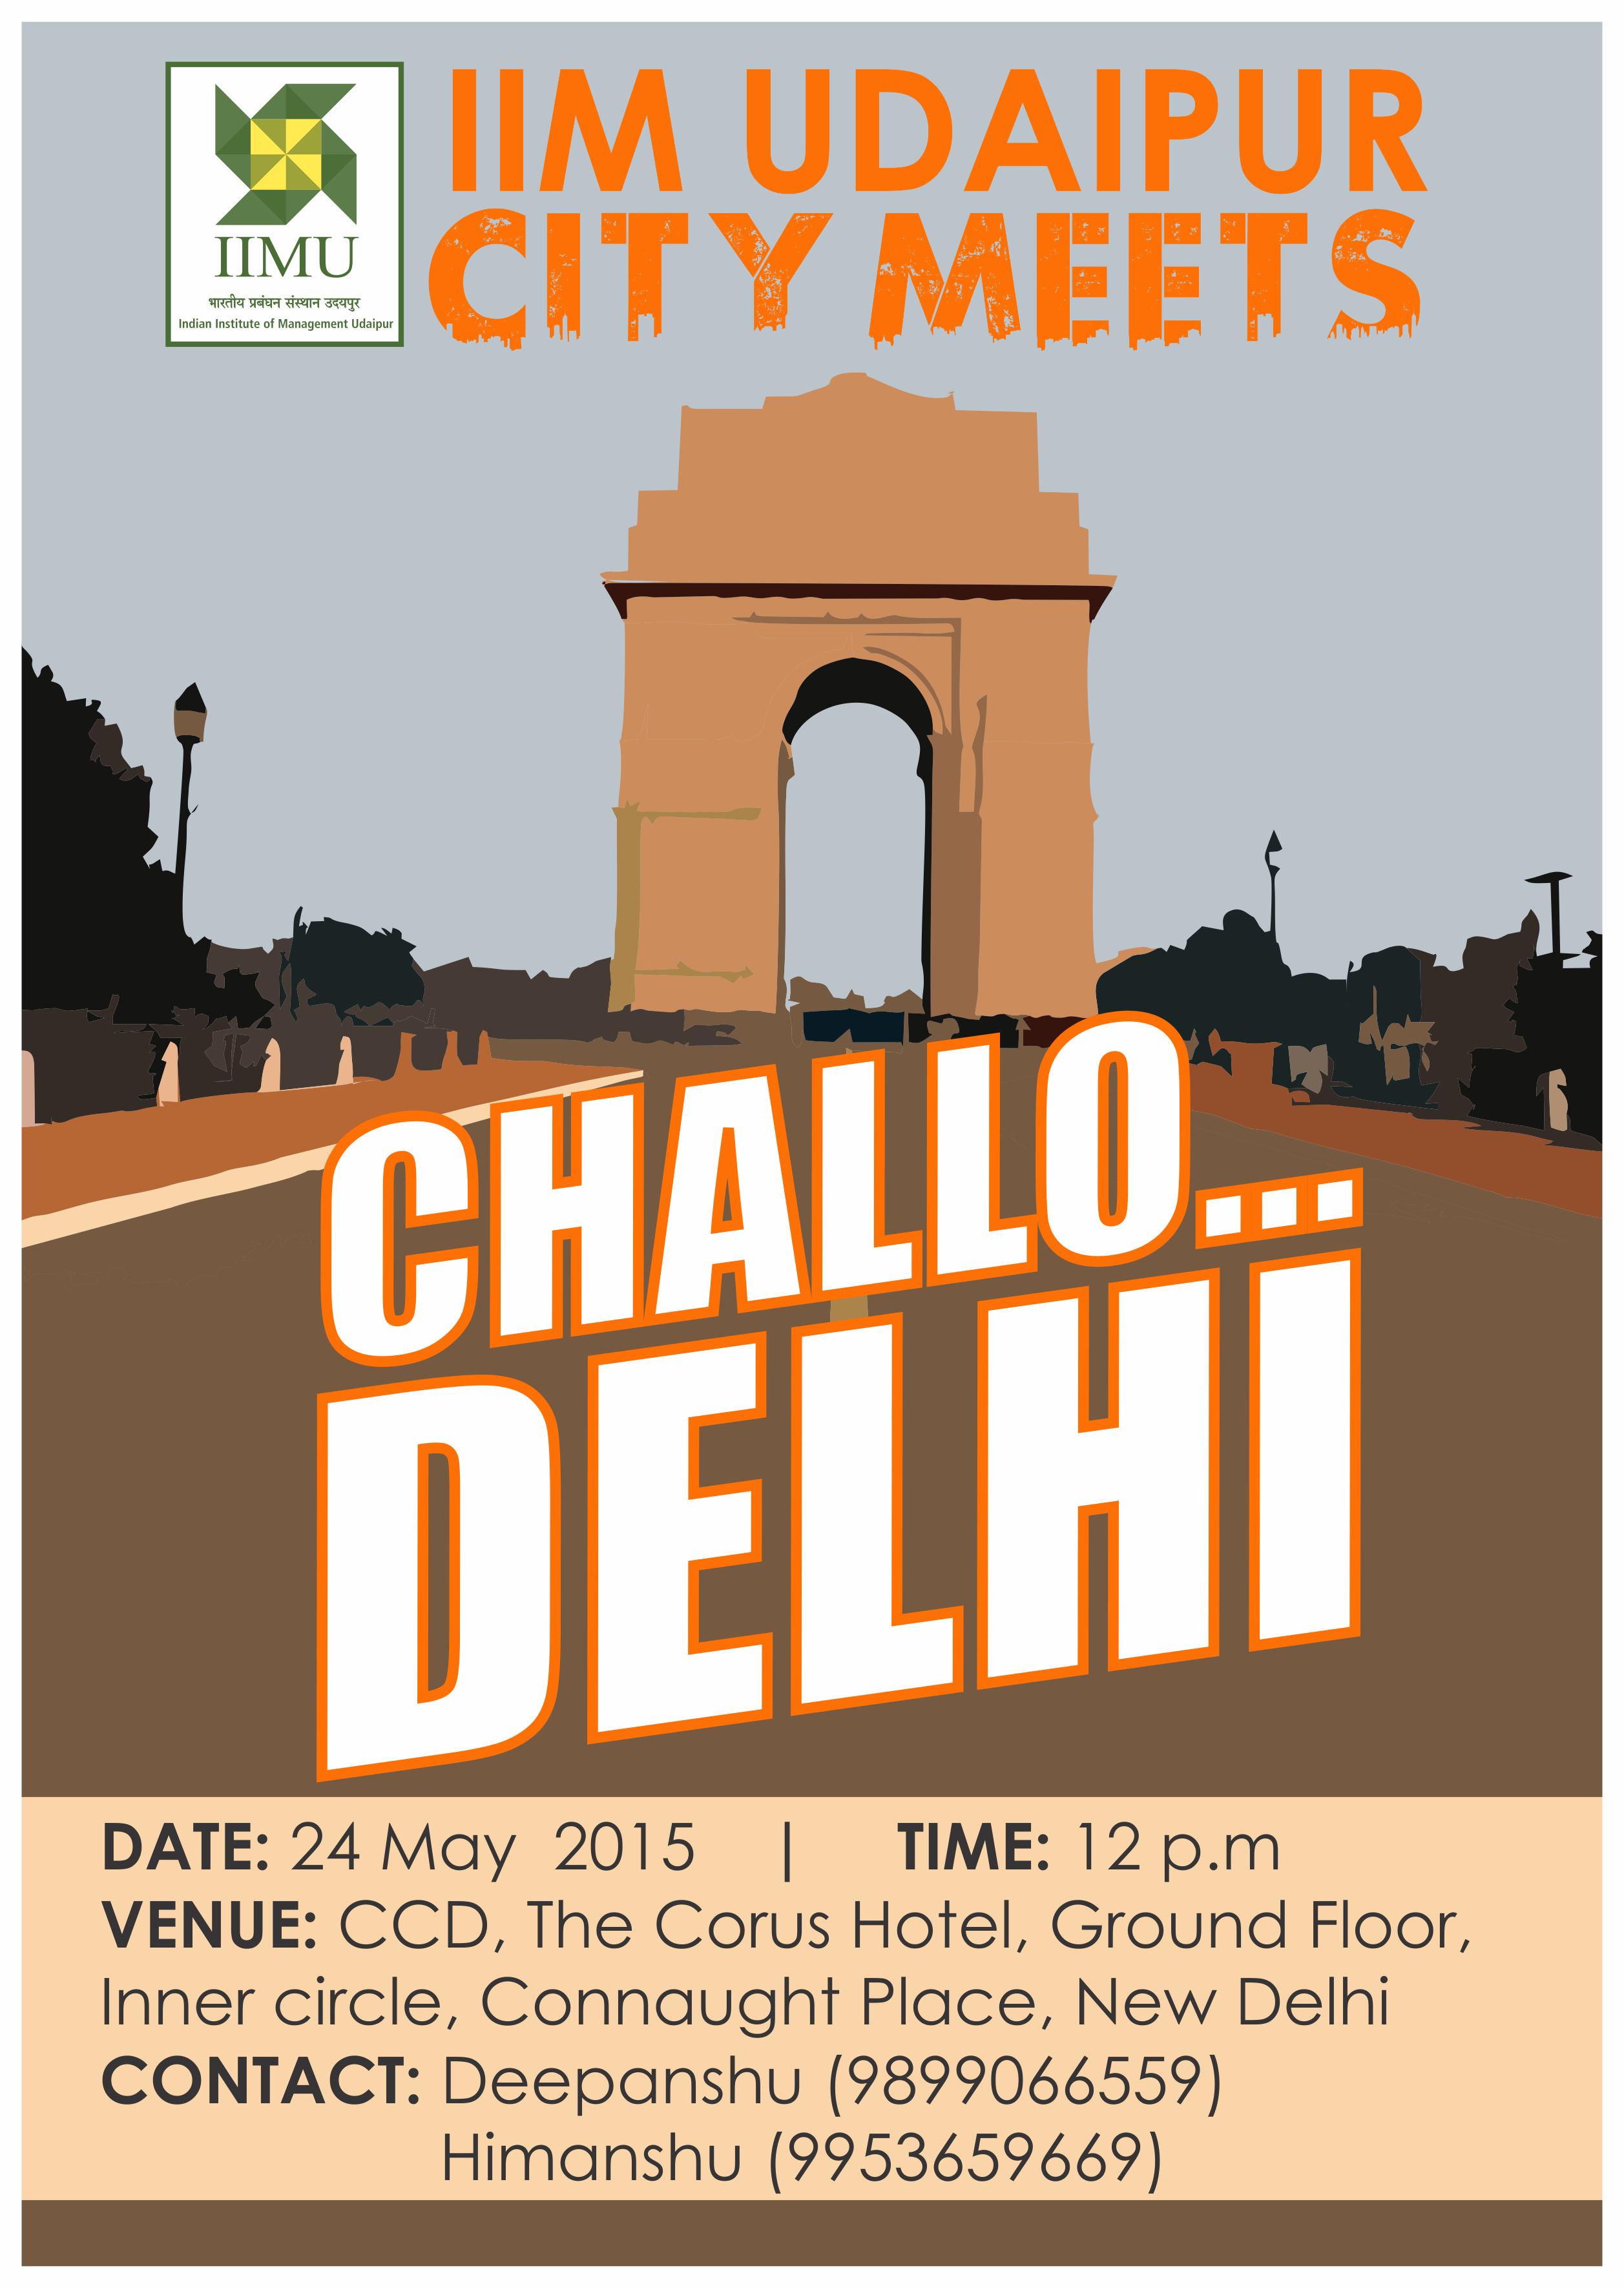 miic city meets DELHI